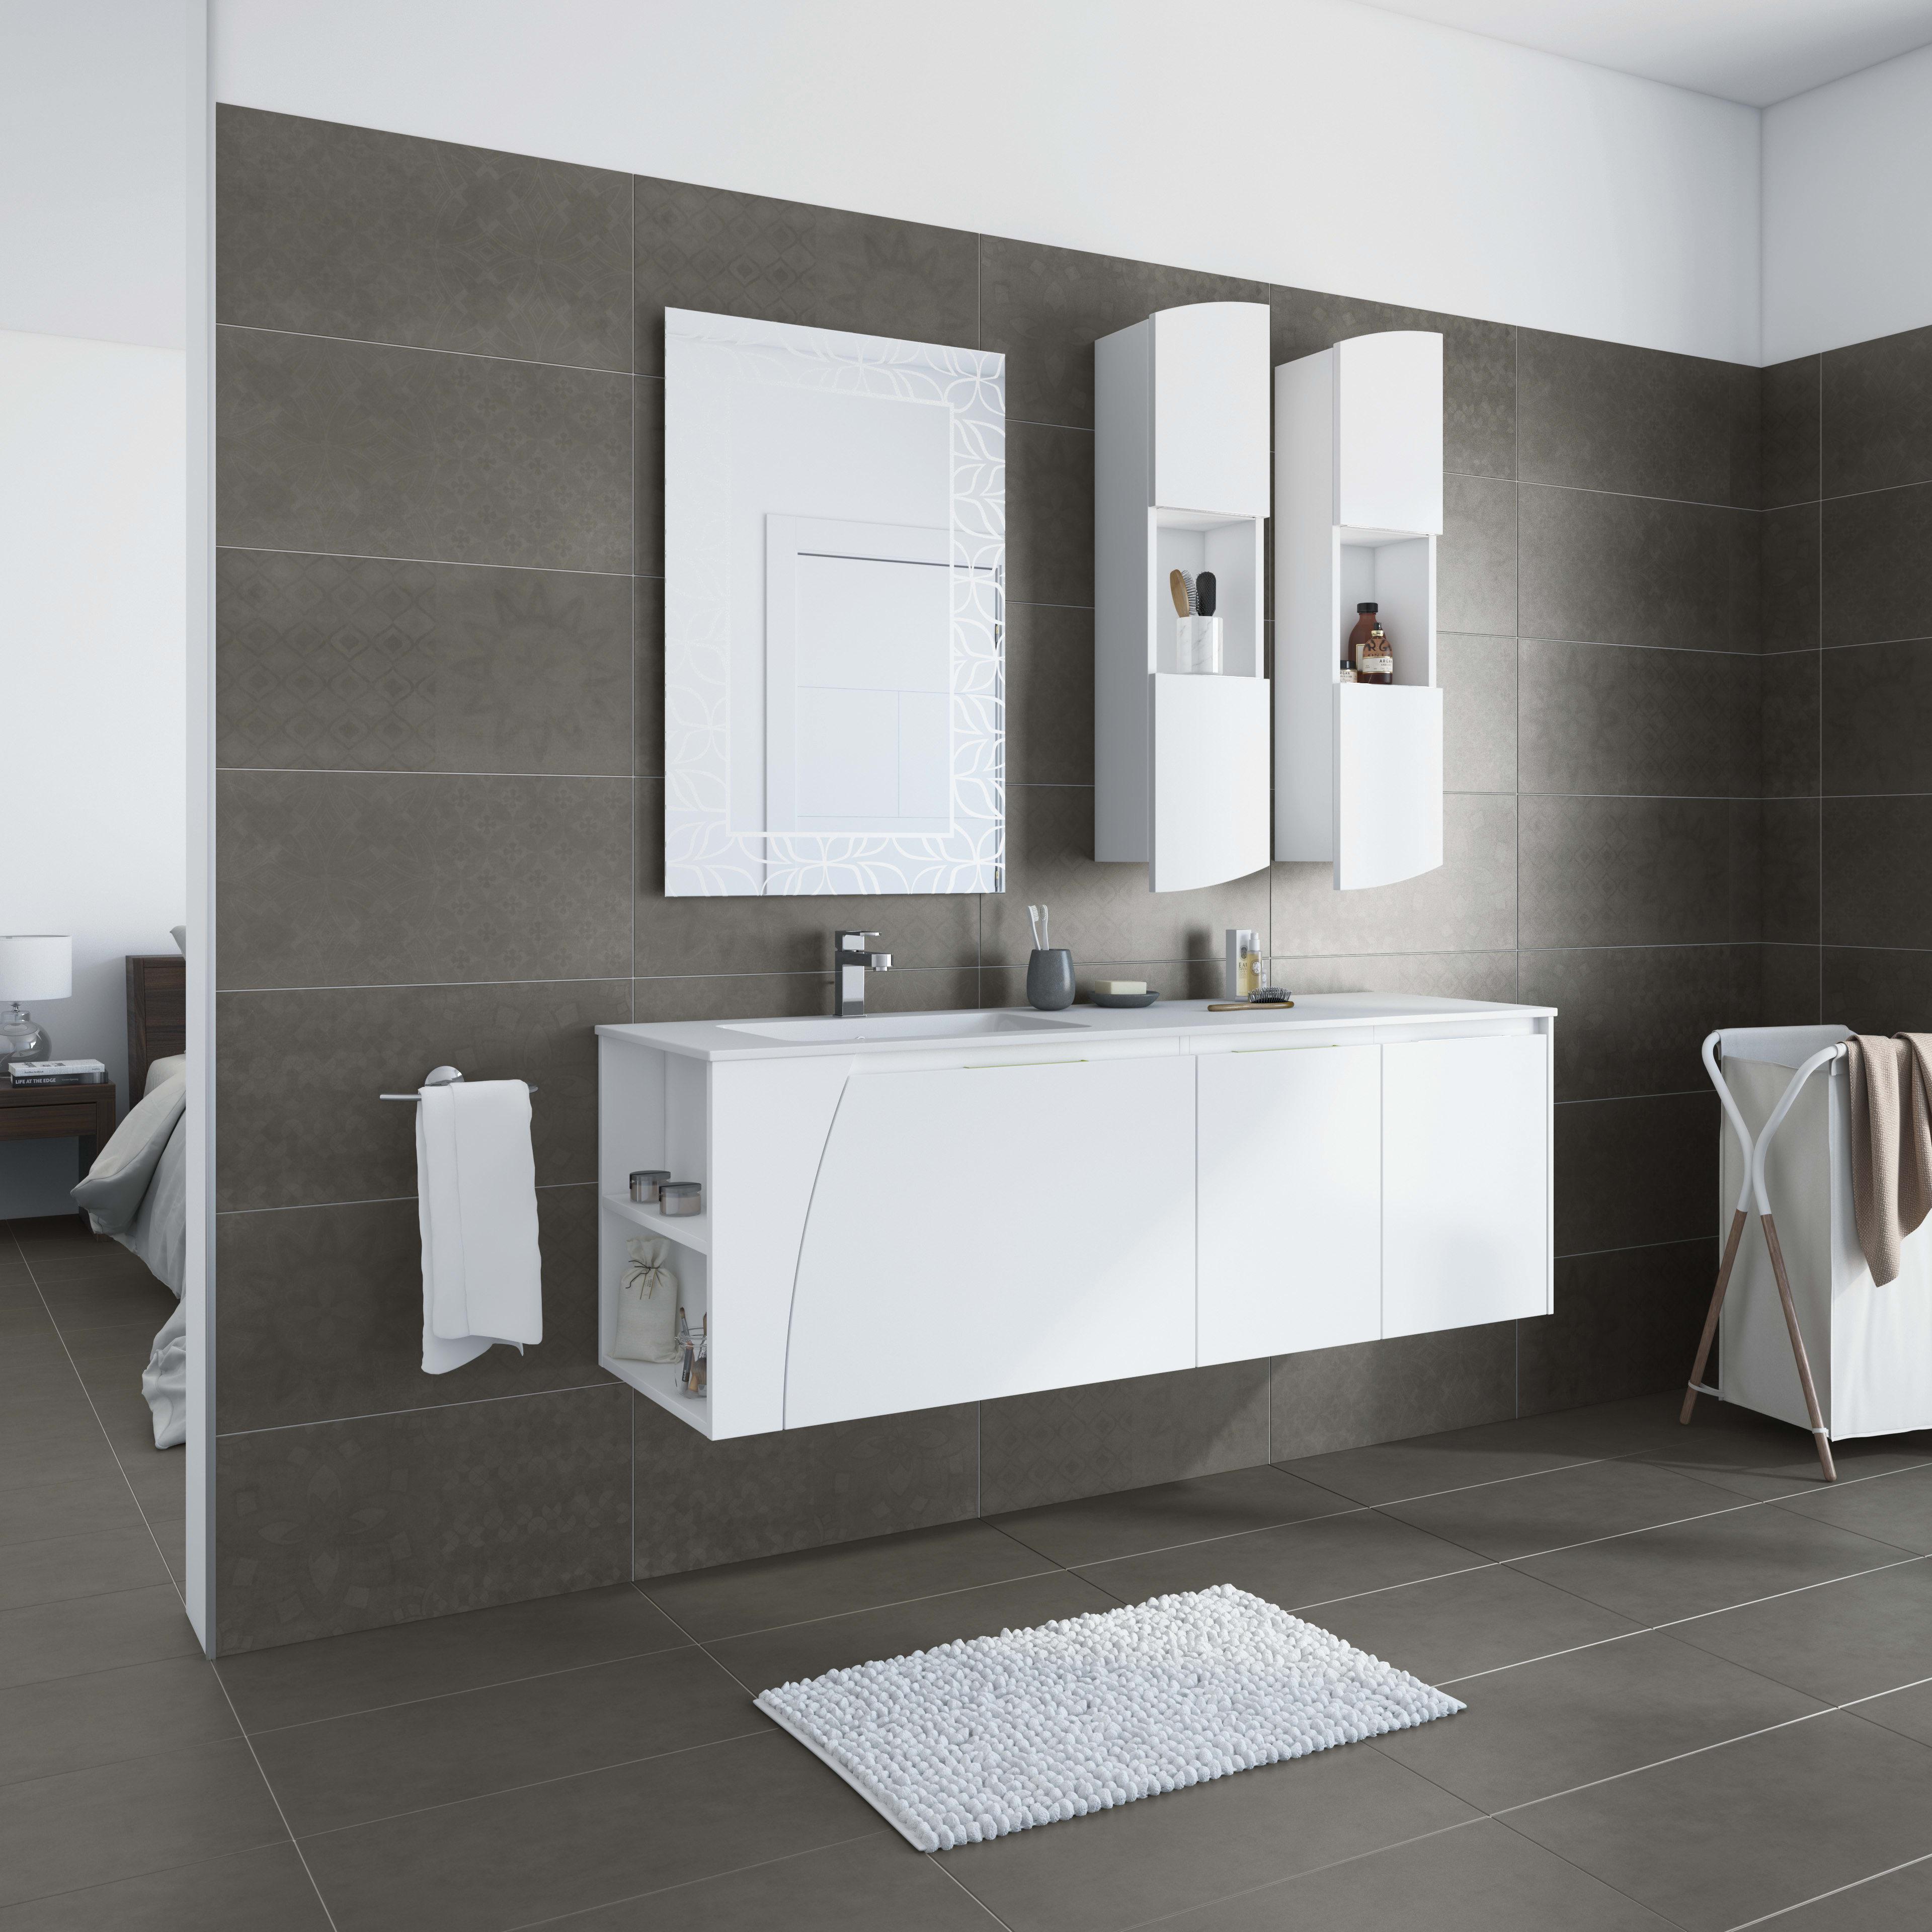 Come Pulire Il Mineralmarmo mobile bagno soft bianco l 152.5 cm